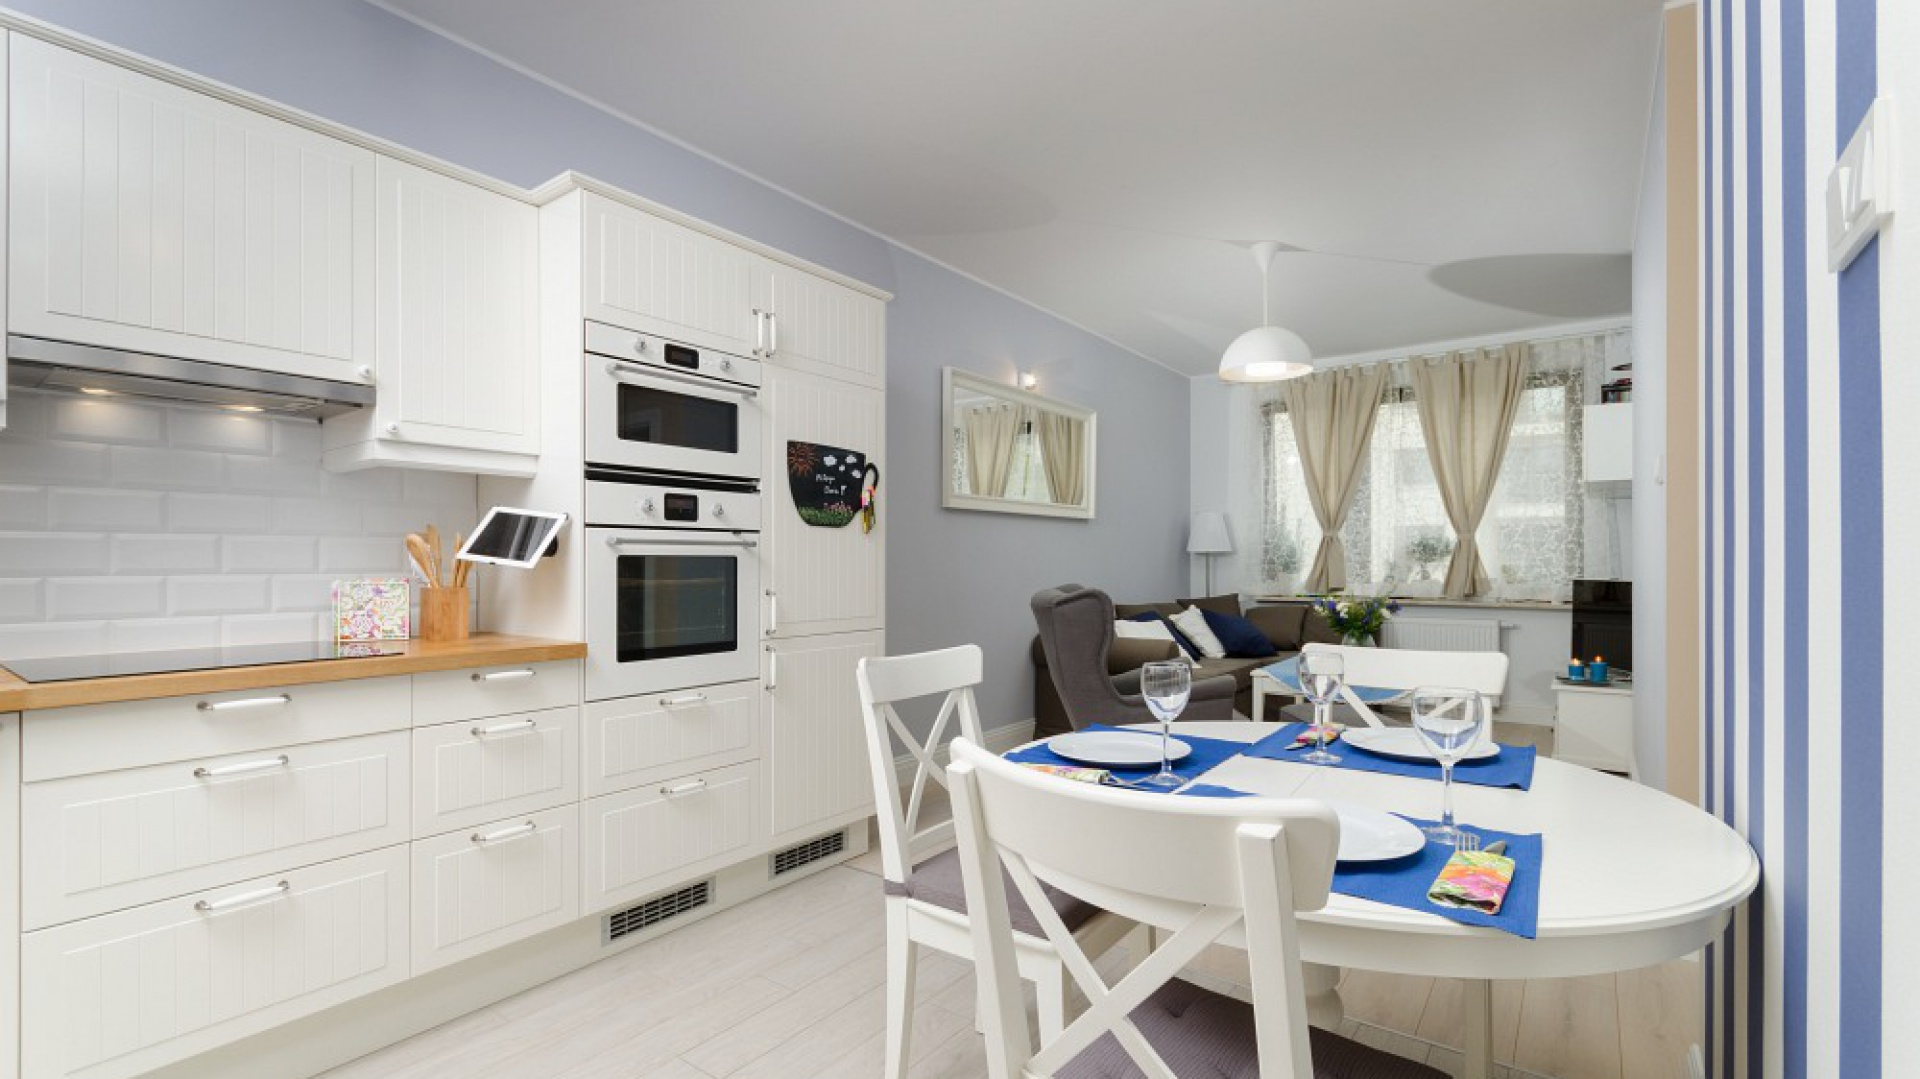 Kuchnia z jadalnią i salonem tworzą wspólną otwartą przestrzeń. Dominują w niej chłodne odcienie bieli, szarości i błękitów. Cieplejszym akcentem są drewniany blat i beżowe zasłony w oknach. Fot. Decoroom.